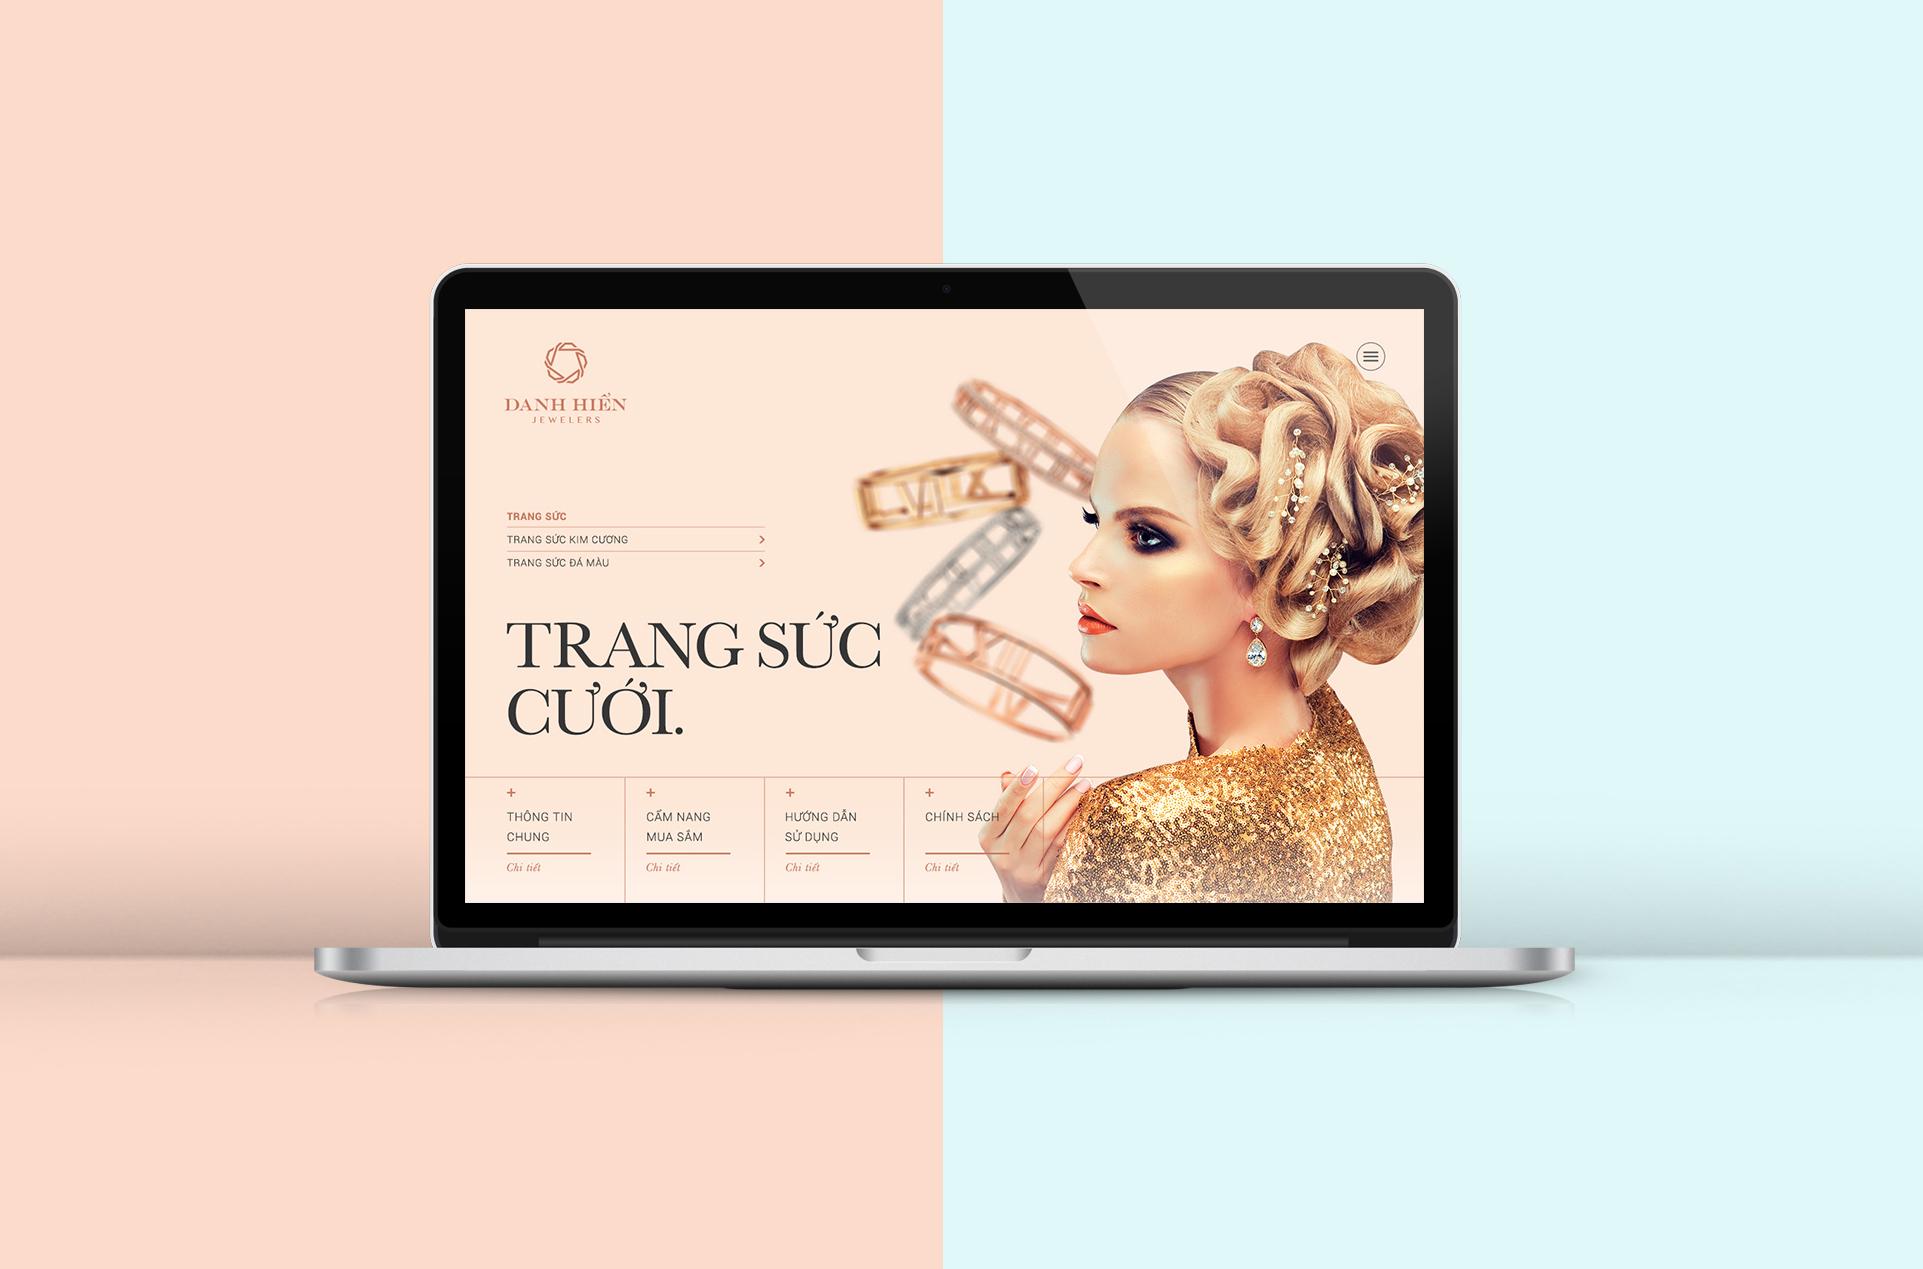 danh hien-cty bratus-web agency vietnam-web trang suc